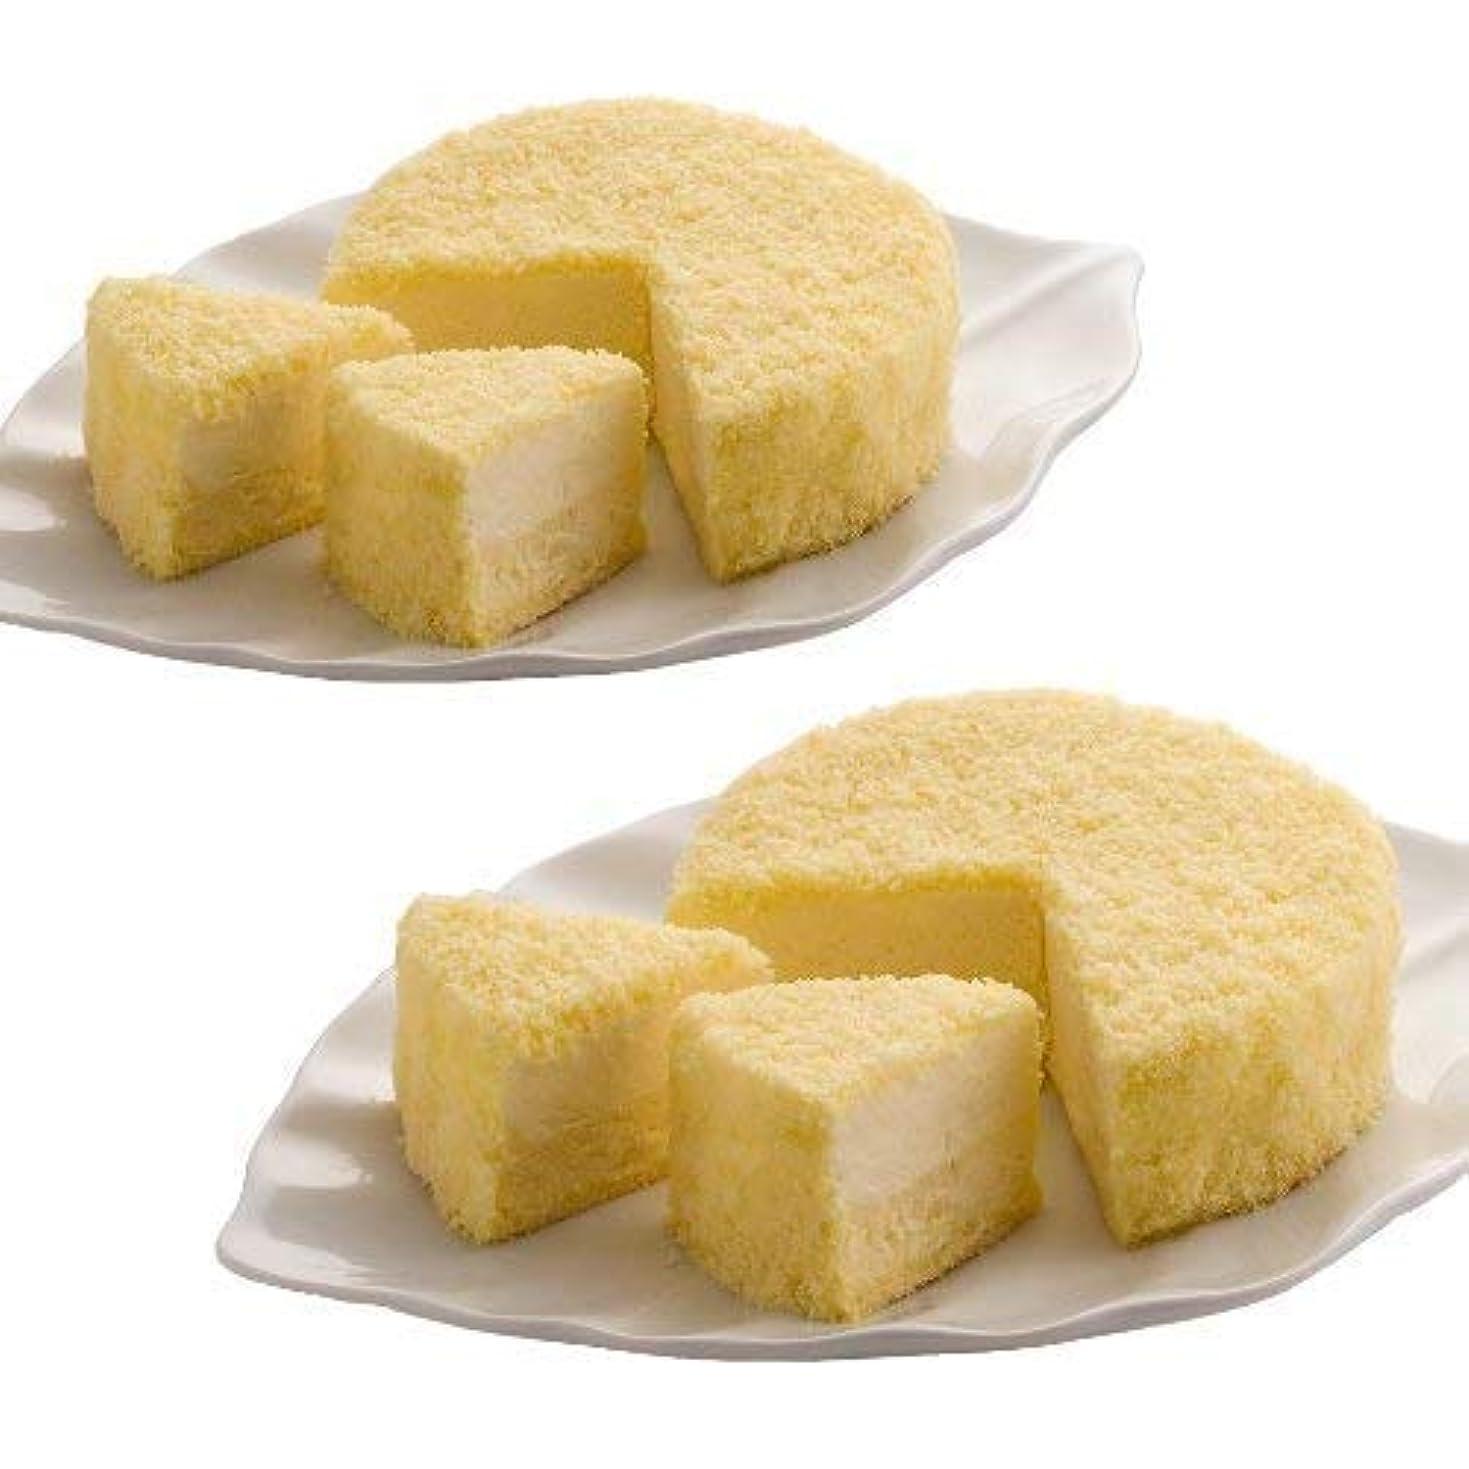 先見の明群衆物足りないLeTAO(ルタオ) チーズケーキ 食べ比べセット ドゥーブルフロマージュ 2個セット 4号サイズ(直径12cm) × 2個